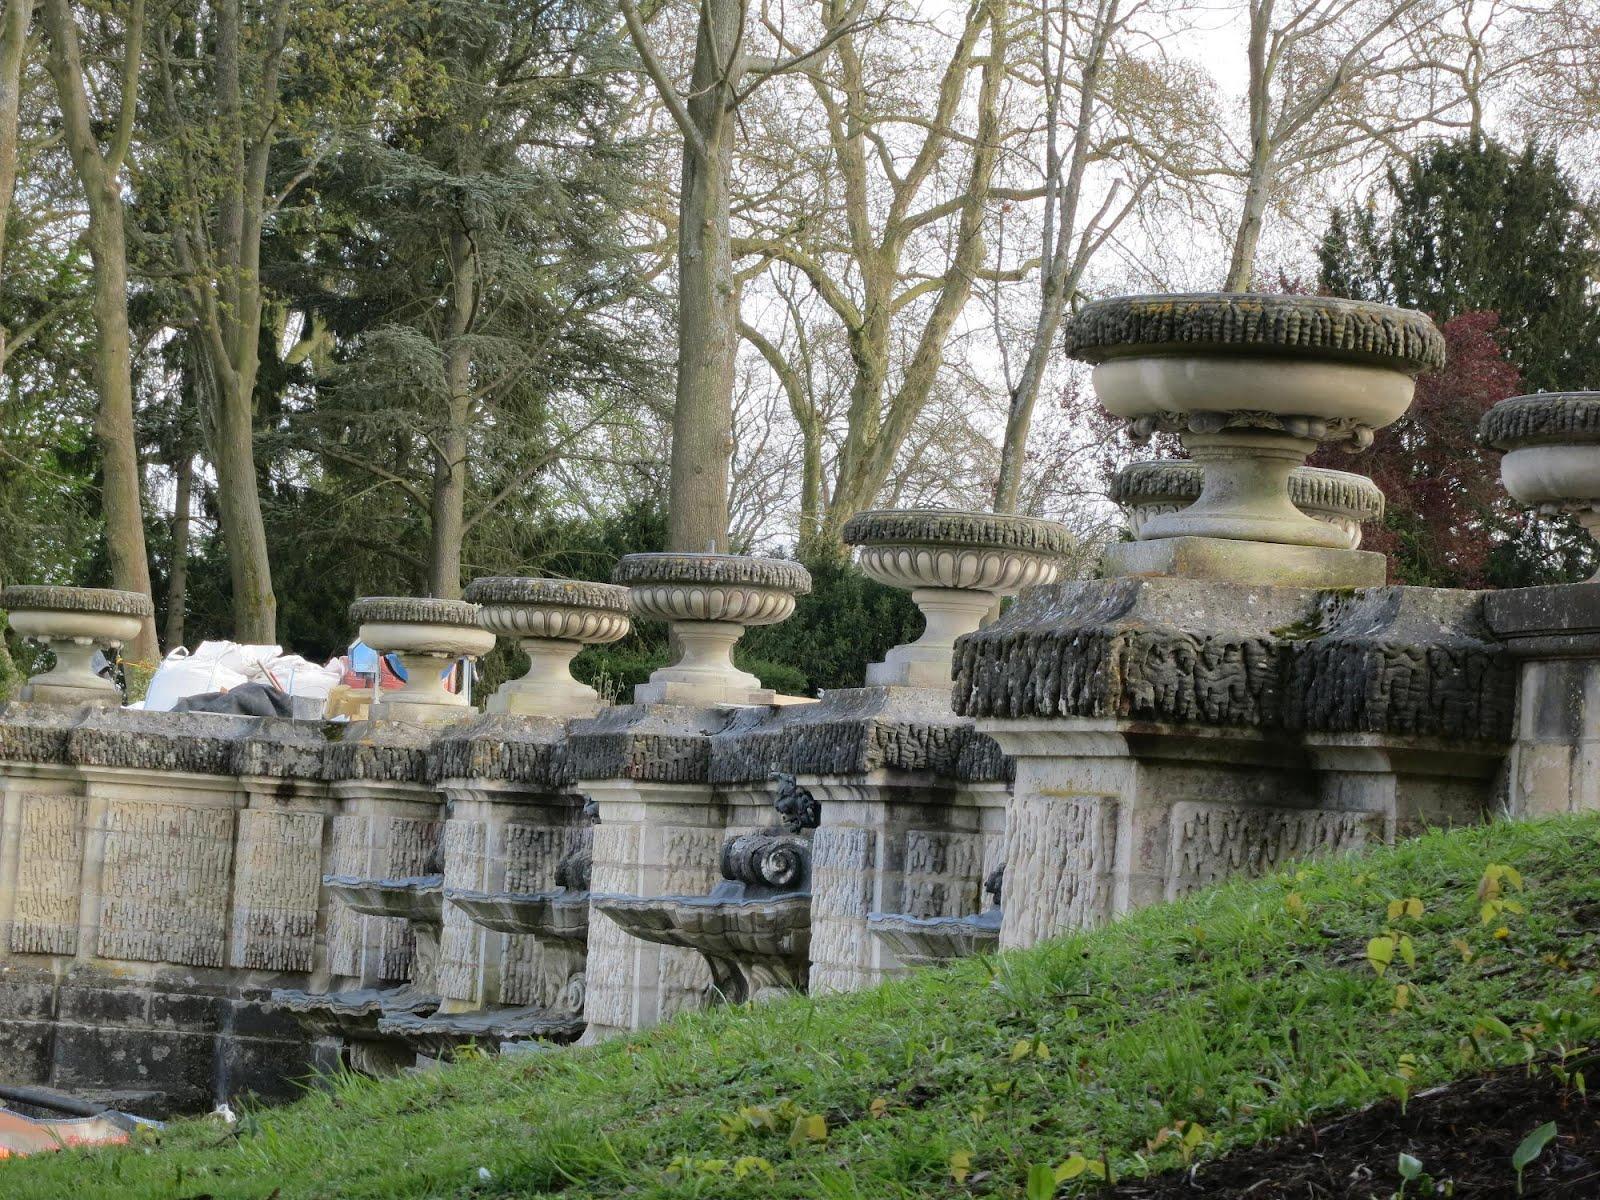 Le blog de parcs et jardins de l 39 oise printemps au for Jardin anglais chantilly